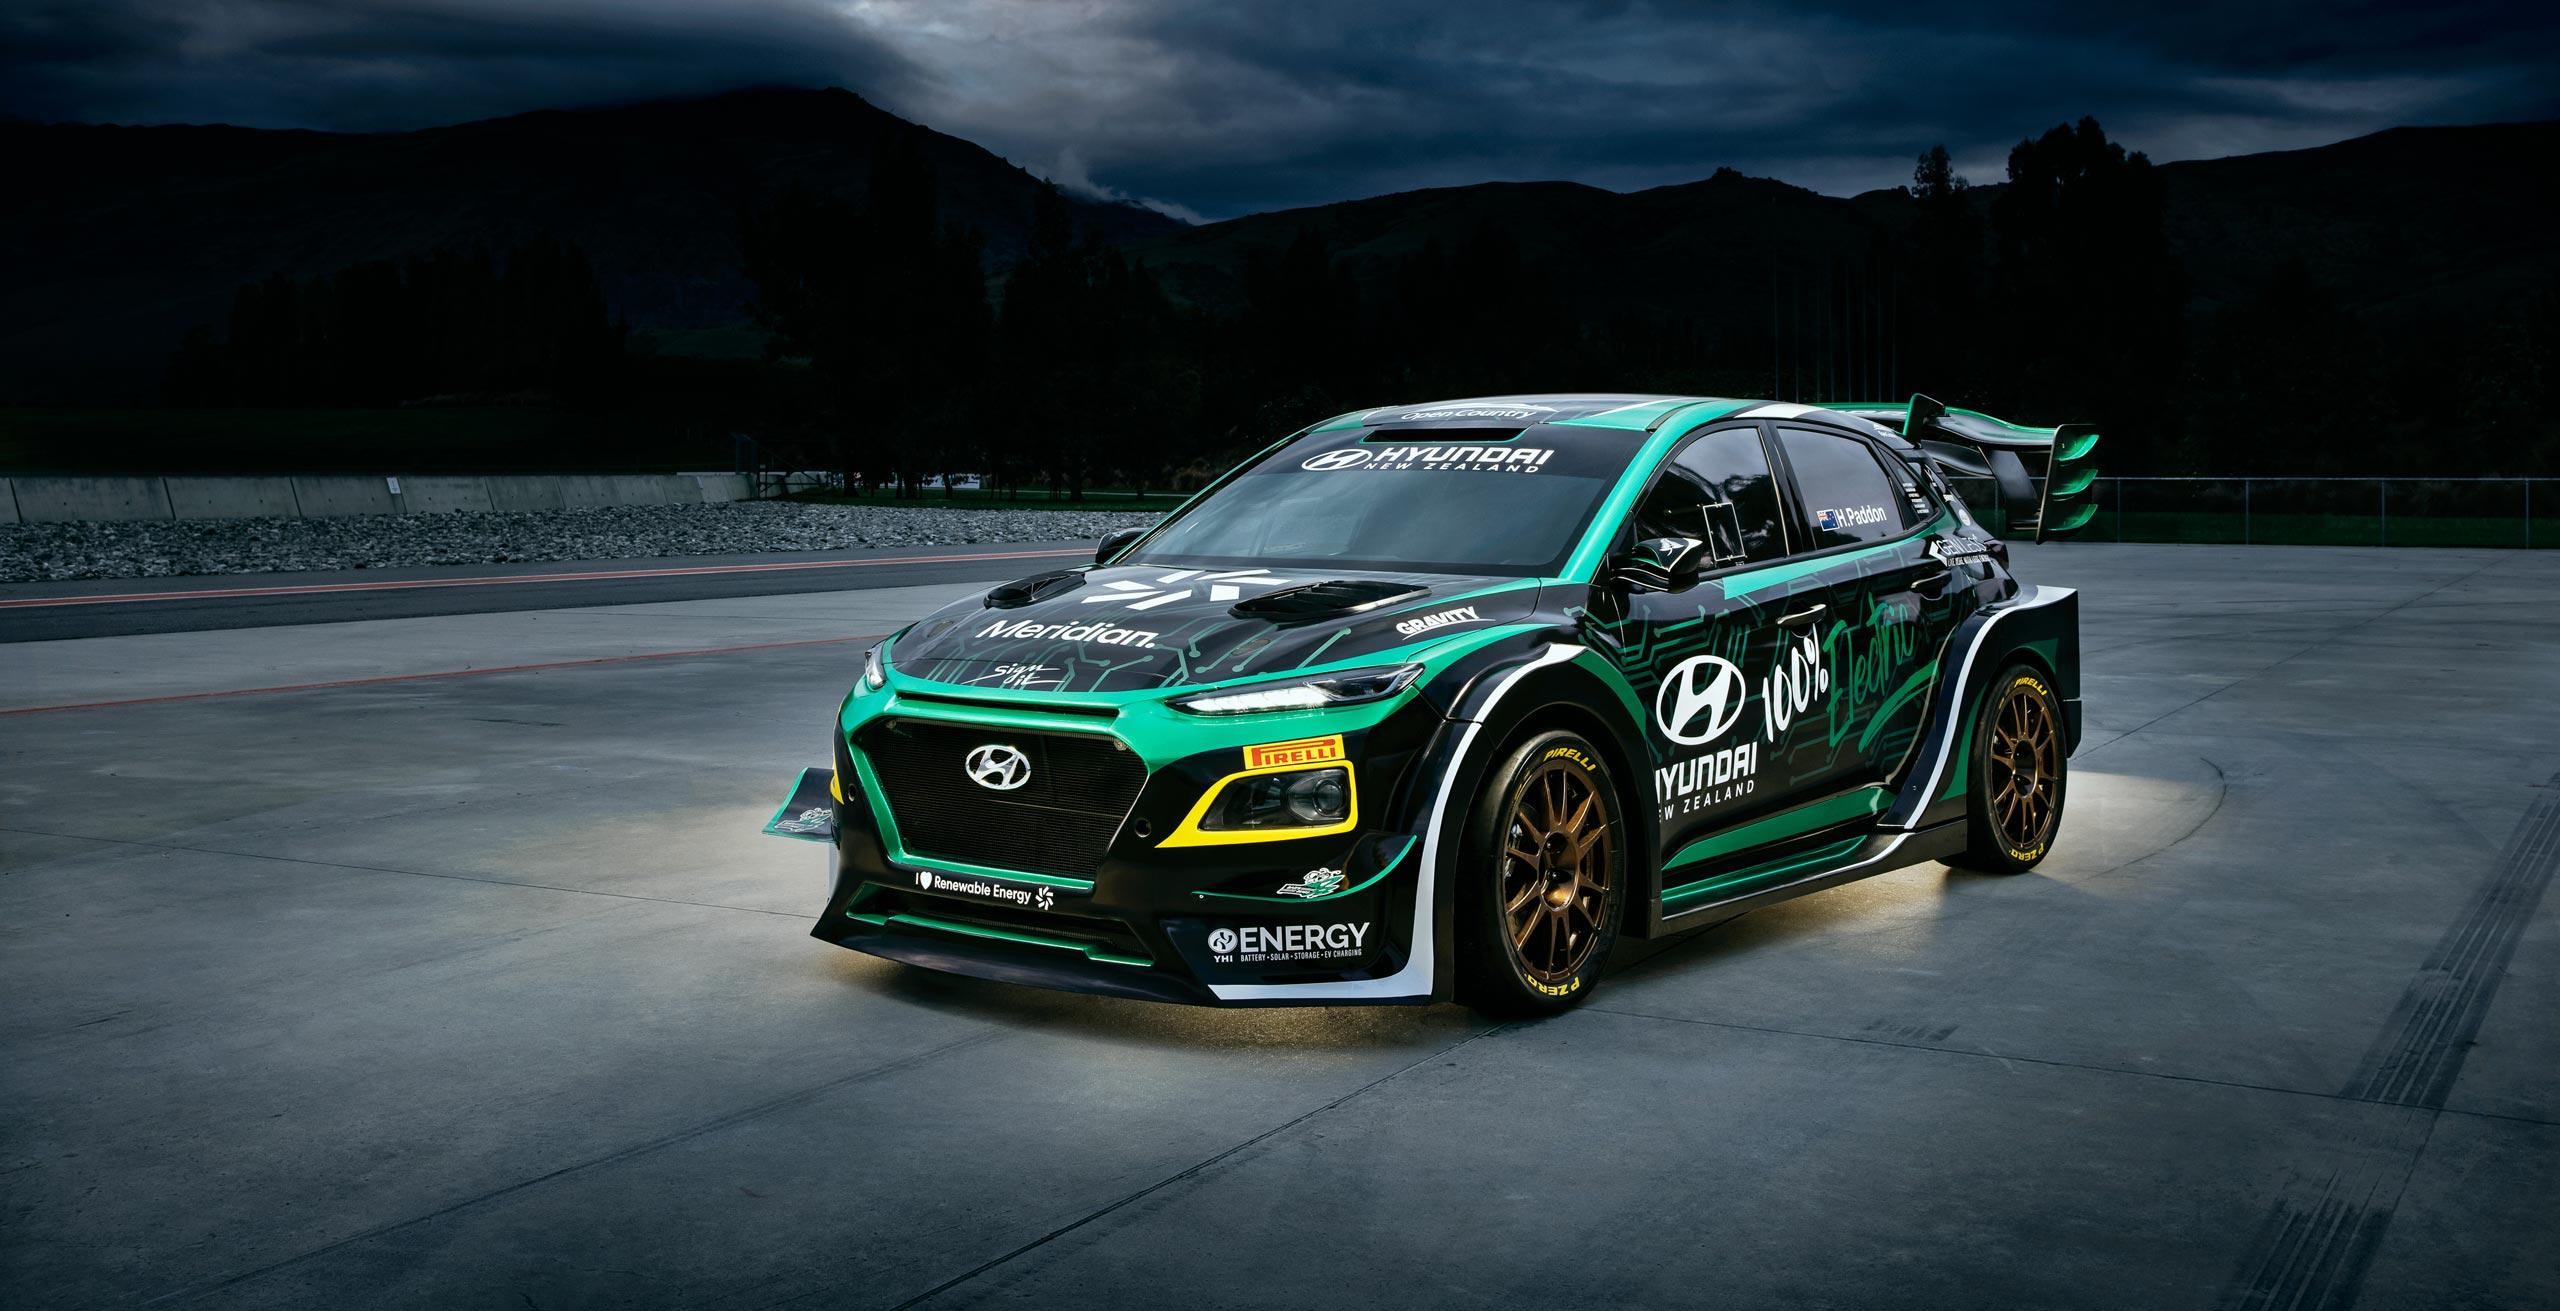 HERO-HP-Rallysport-EV-Web